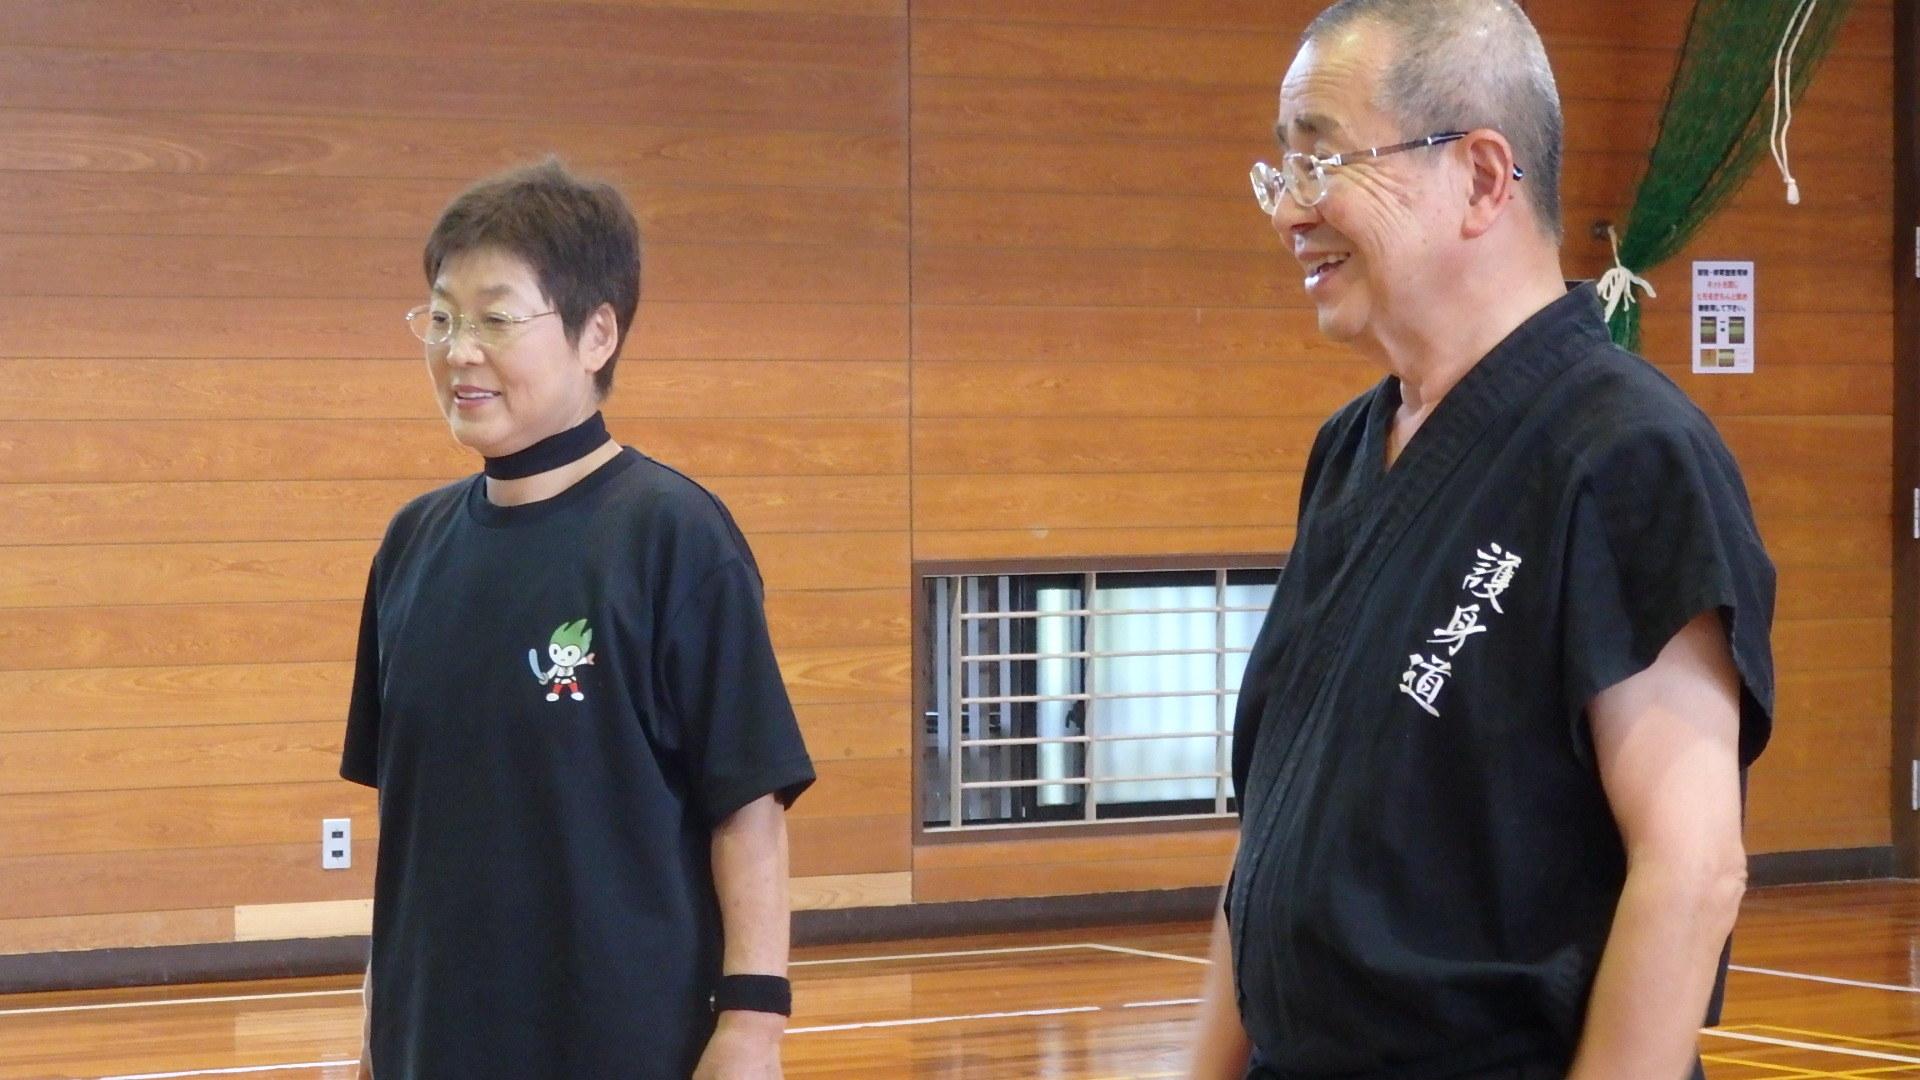 勇ましい剣士誕生!「スポーツチャンバラ + お楽しみ会」_b0239402_16555300.jpg